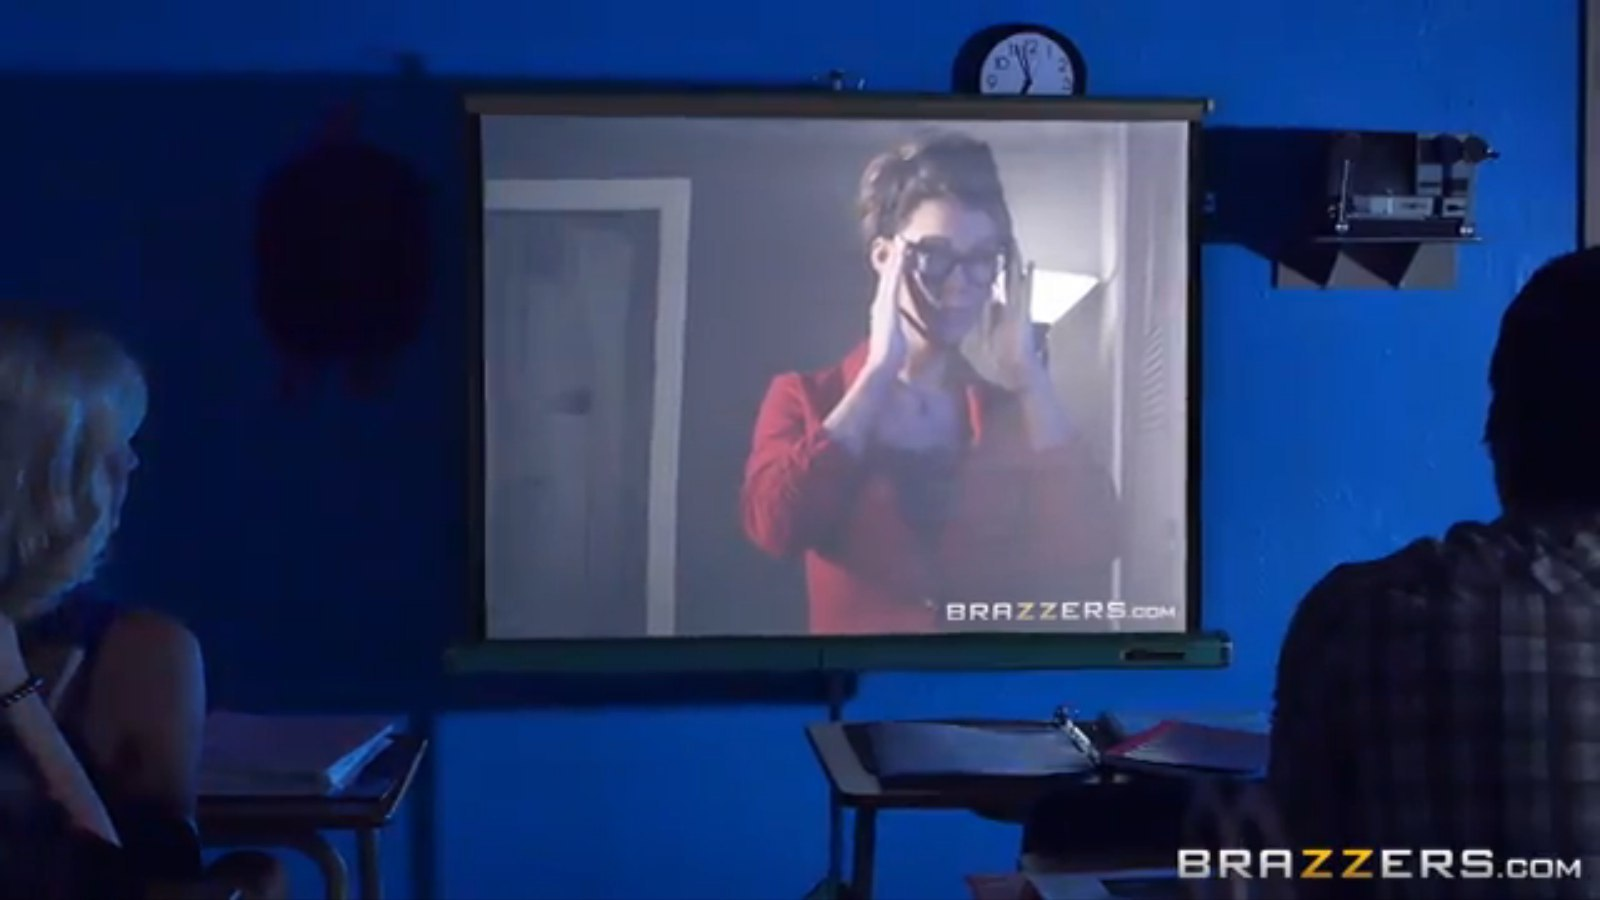 Порно ролик экран монитора